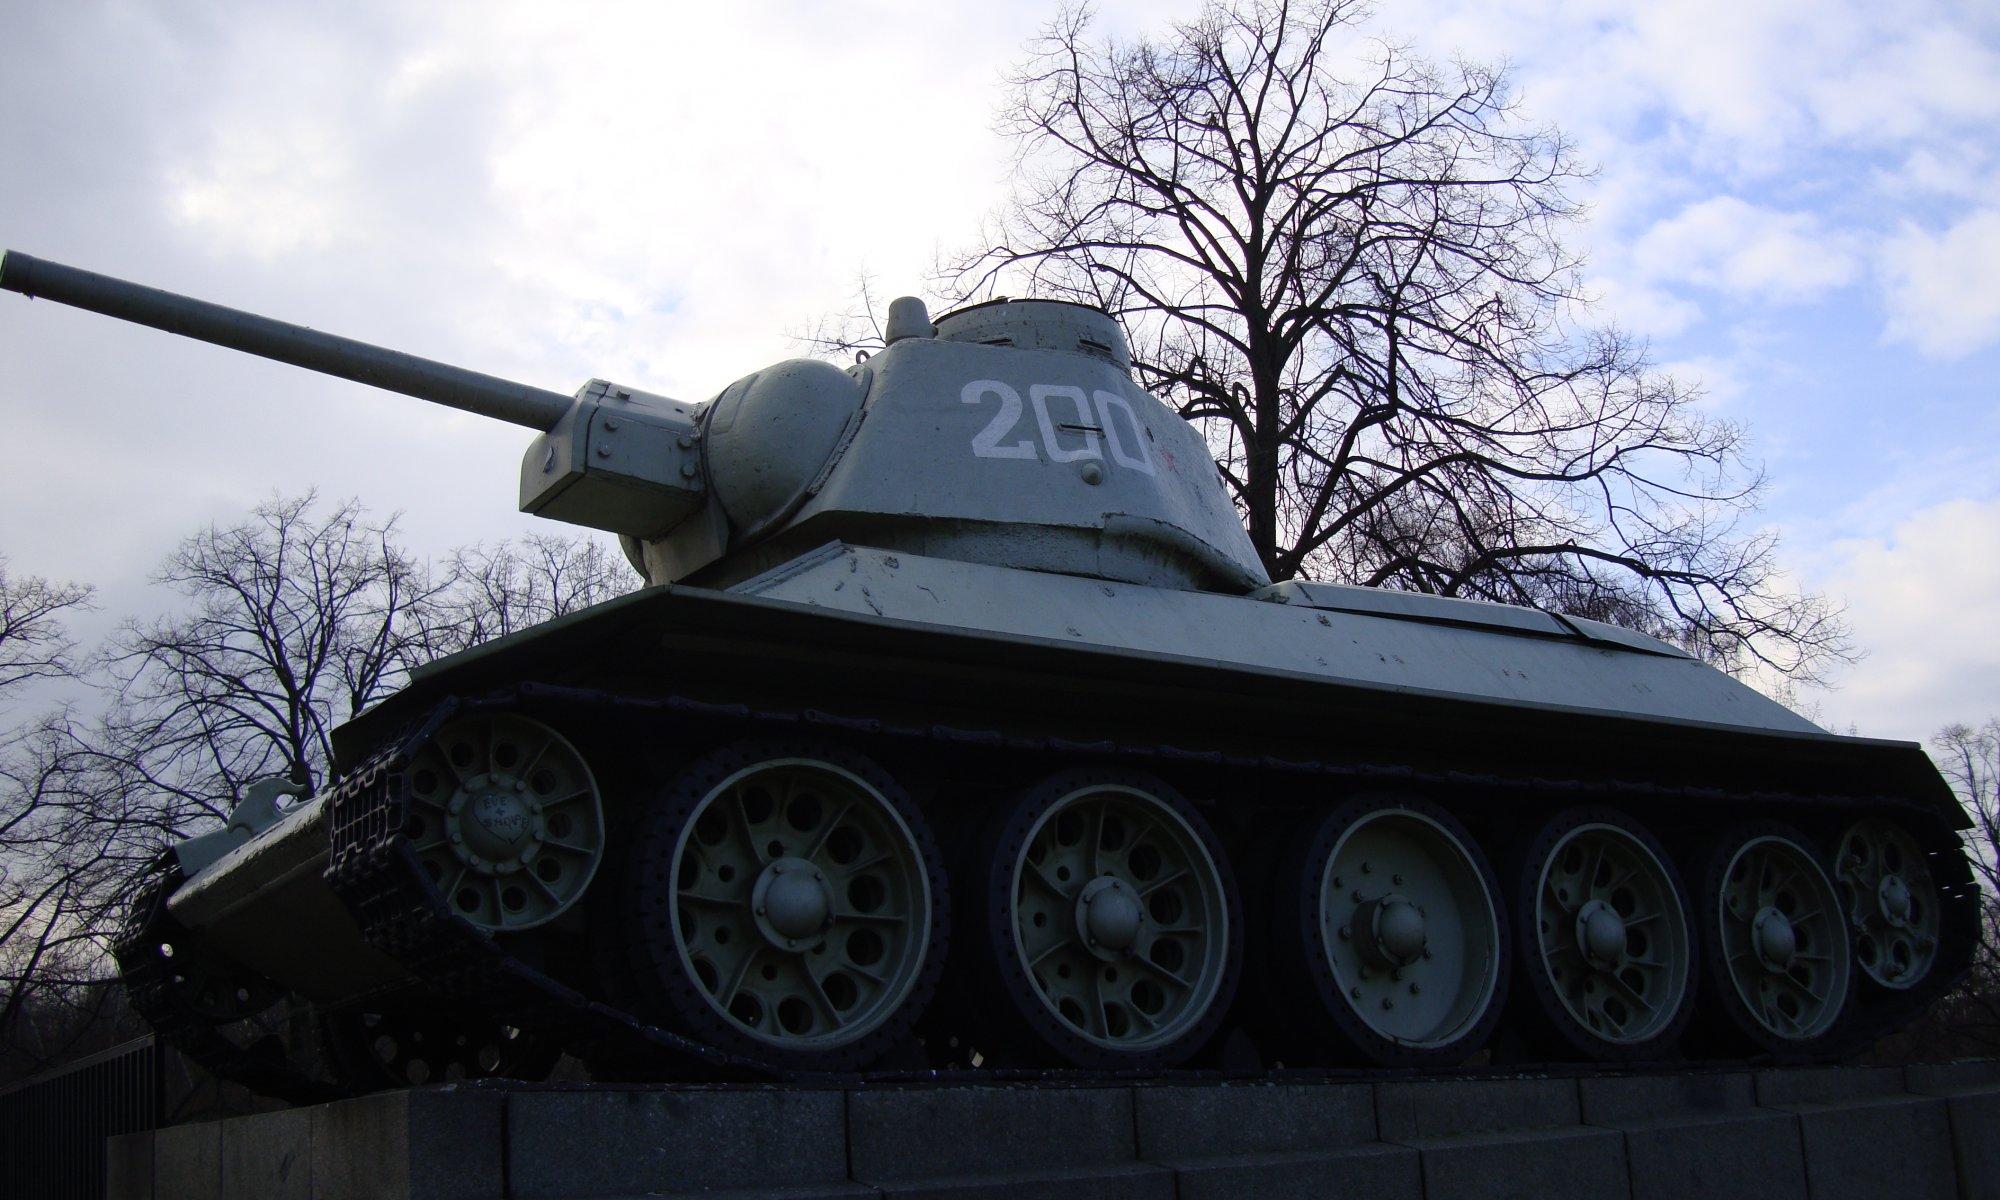 Sowjetisches Ehrenmal, Berlin